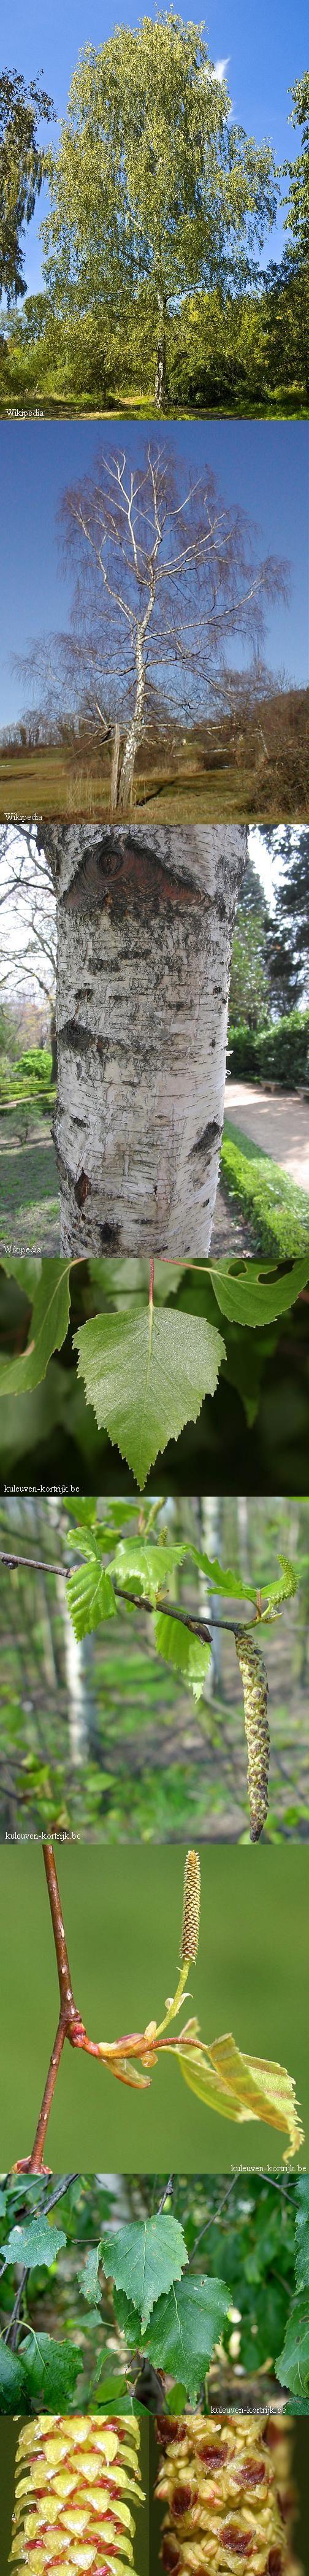 Betula pendula -- Ruwe berk -- Inheems -- pionierplant -- Mooie herfstverkleuring als hij op een zonnige plaats staat -- Verdraagt geen natte grond -- Opletten voor allergie tegen berkenstuifmeel -- Niet geliefd als tuinboom wegens 'vuile' boom: katjes vallen af, van juli tot september vallen bladeren af.